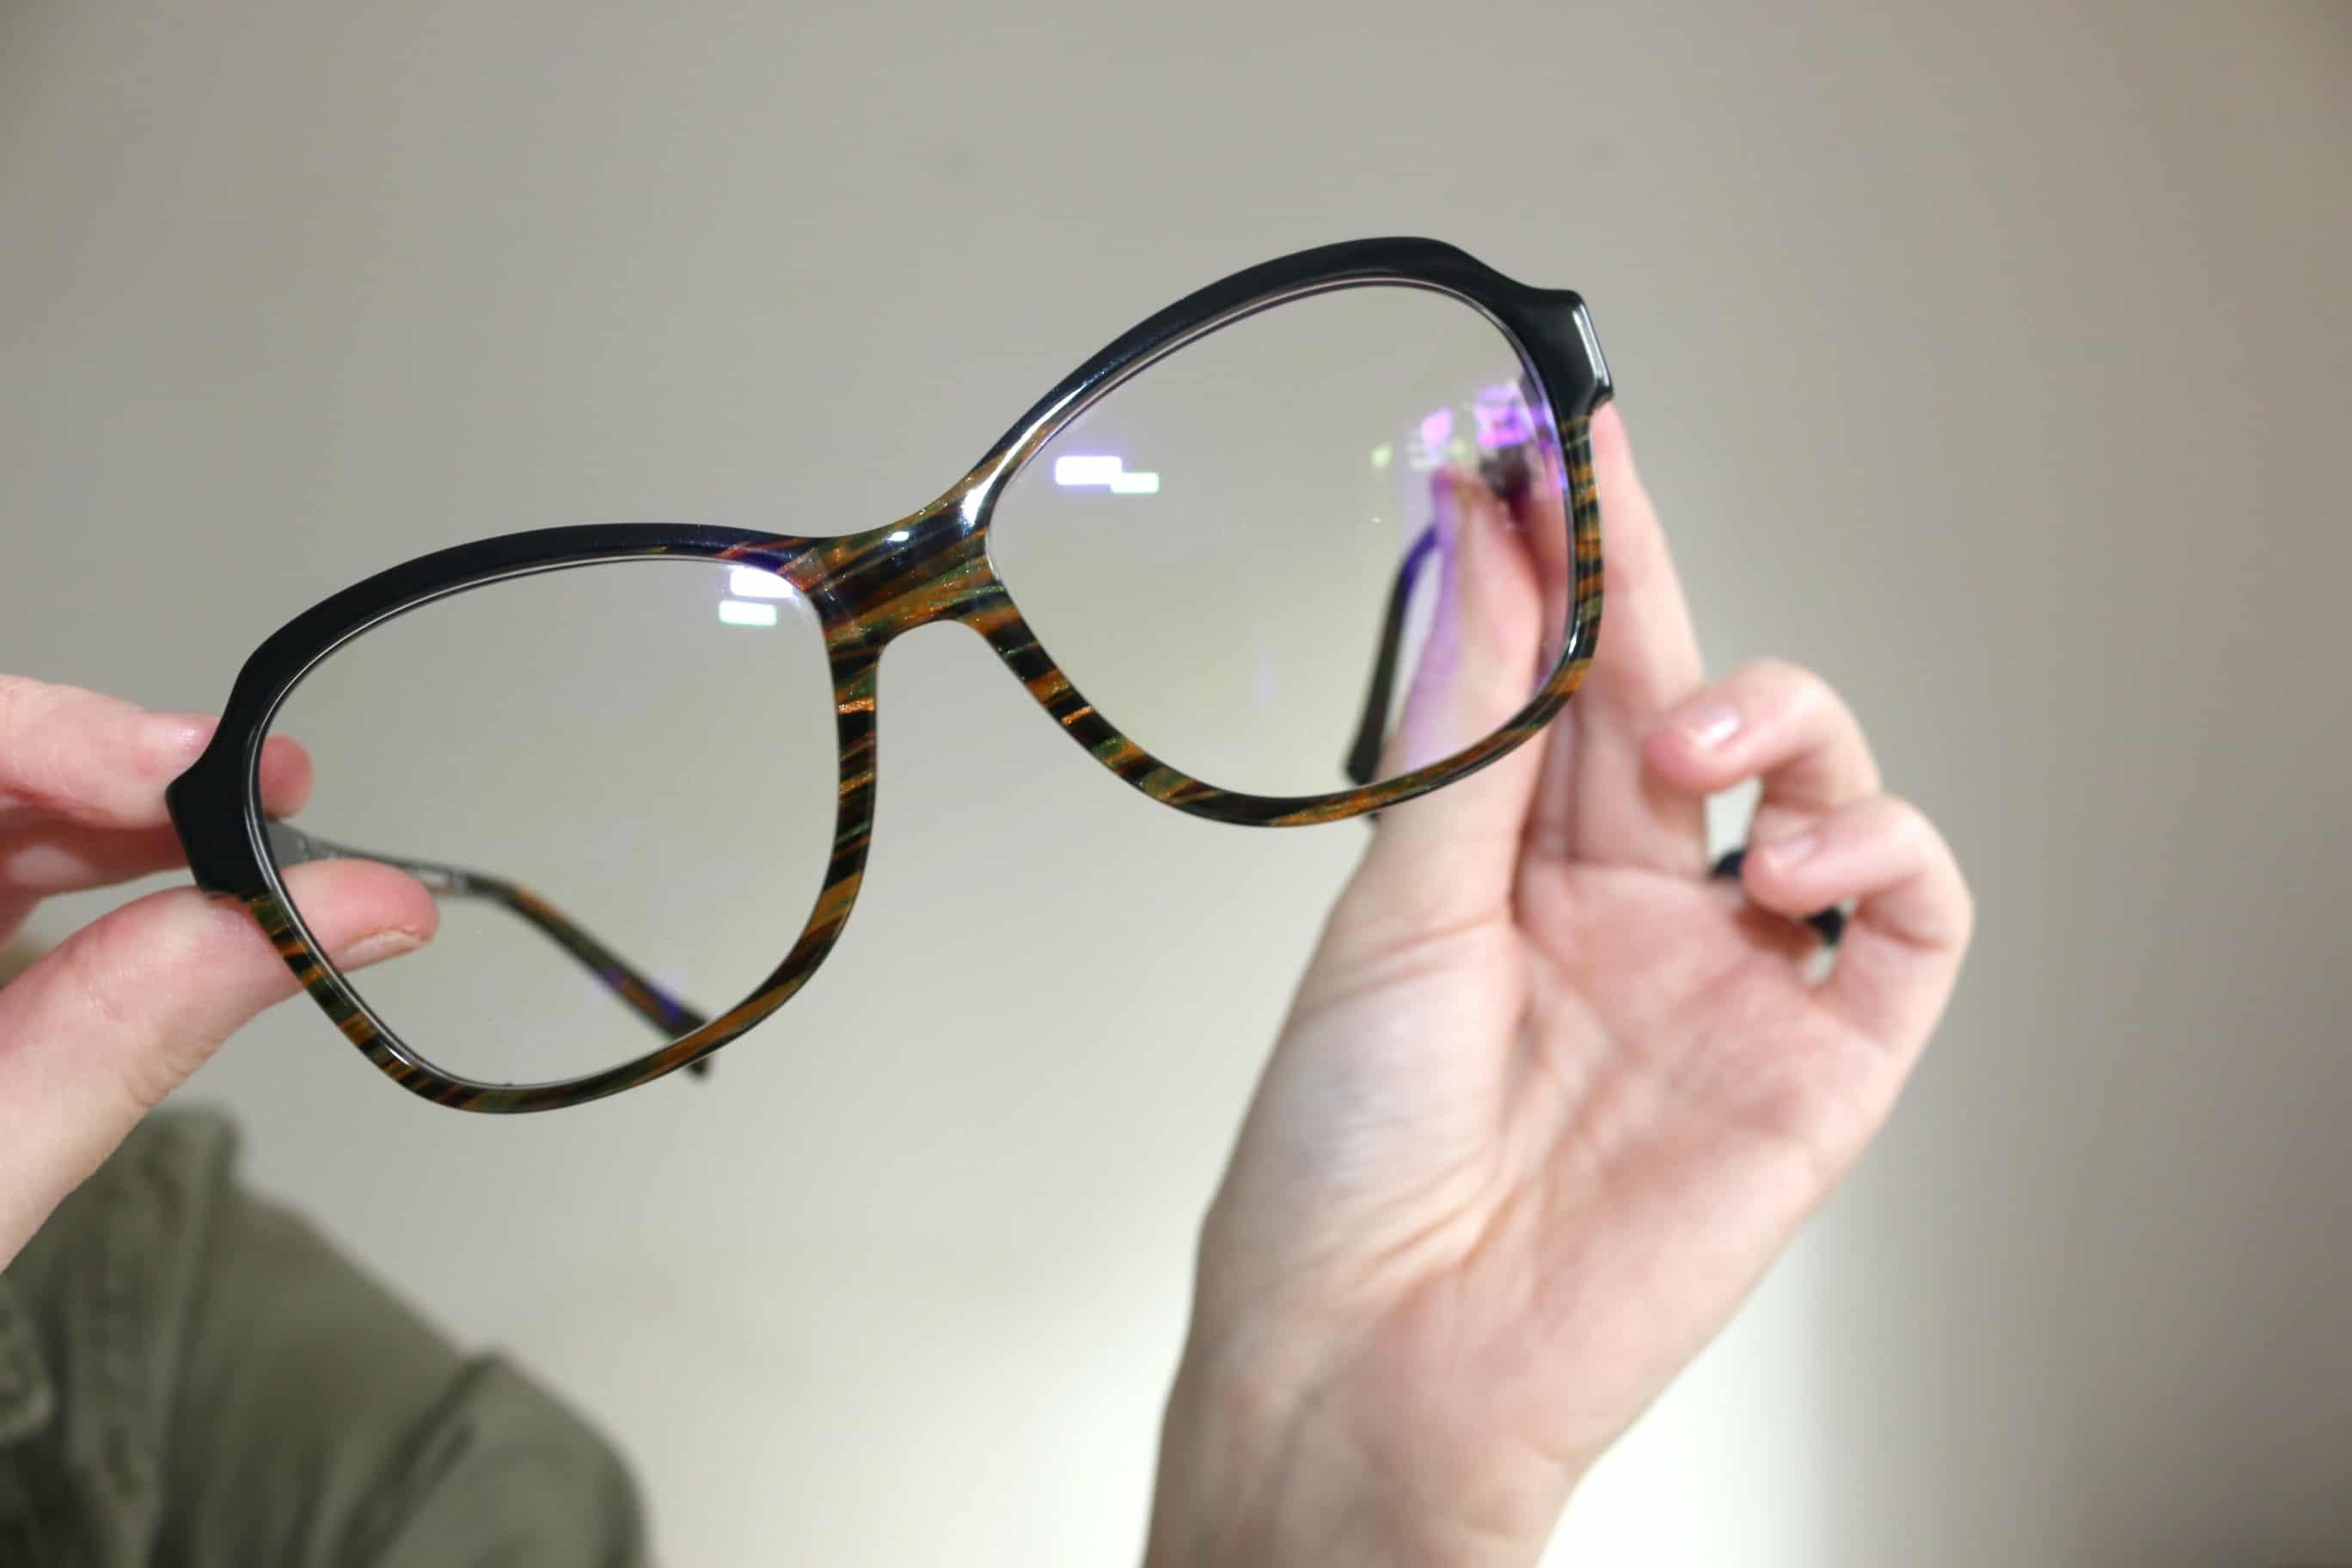 lunettes anti-lumiere bleue